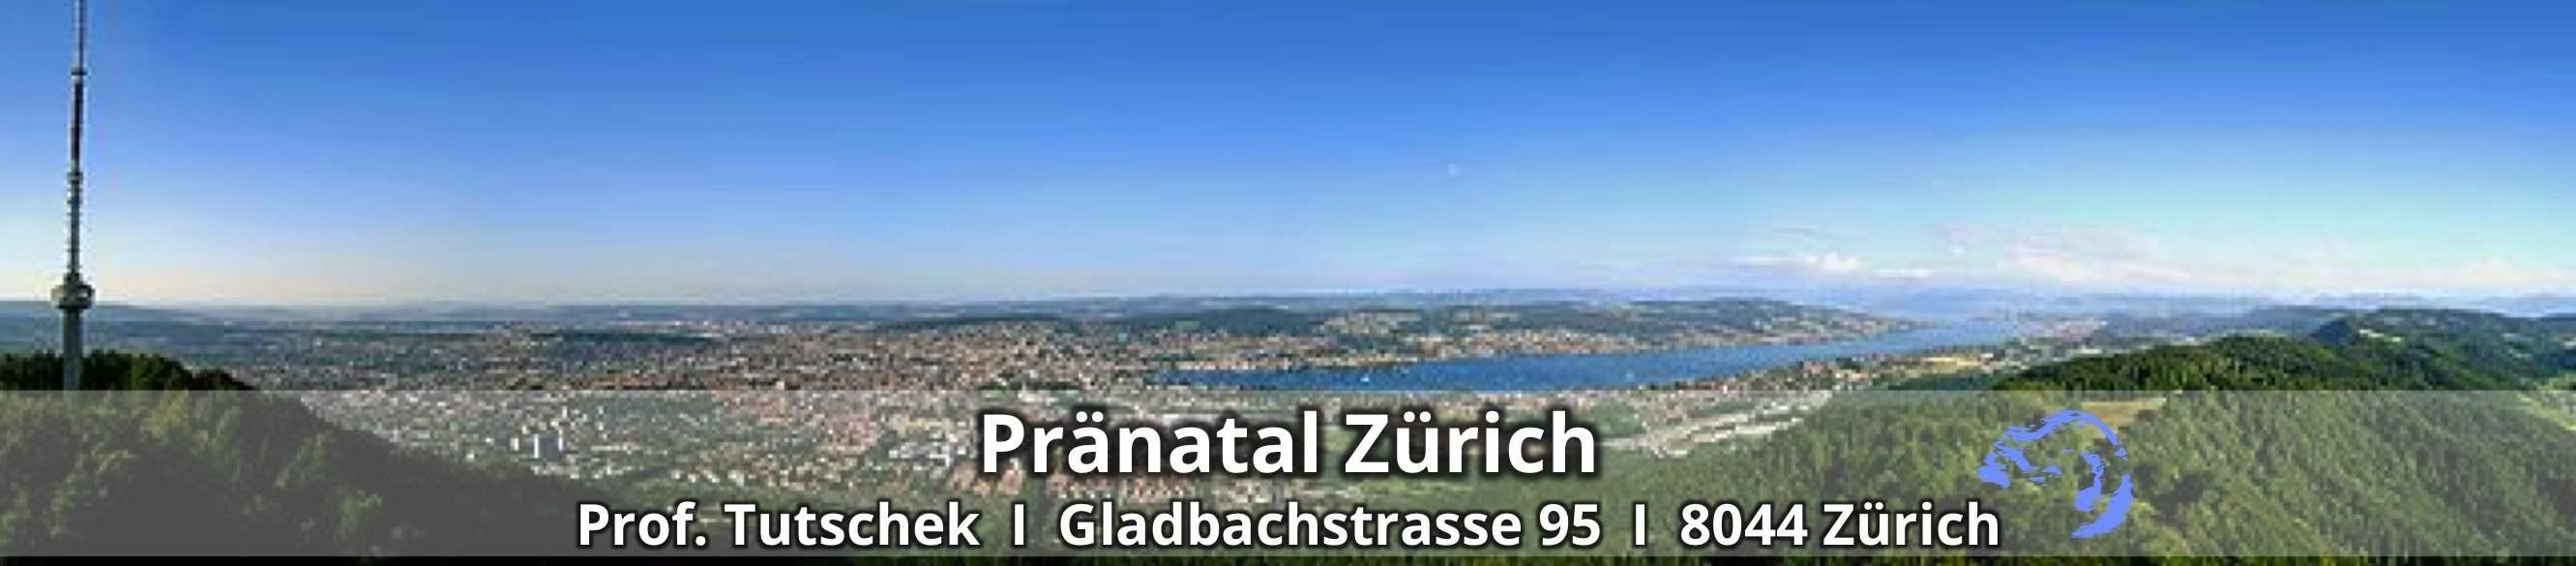 Pränatal Zürich